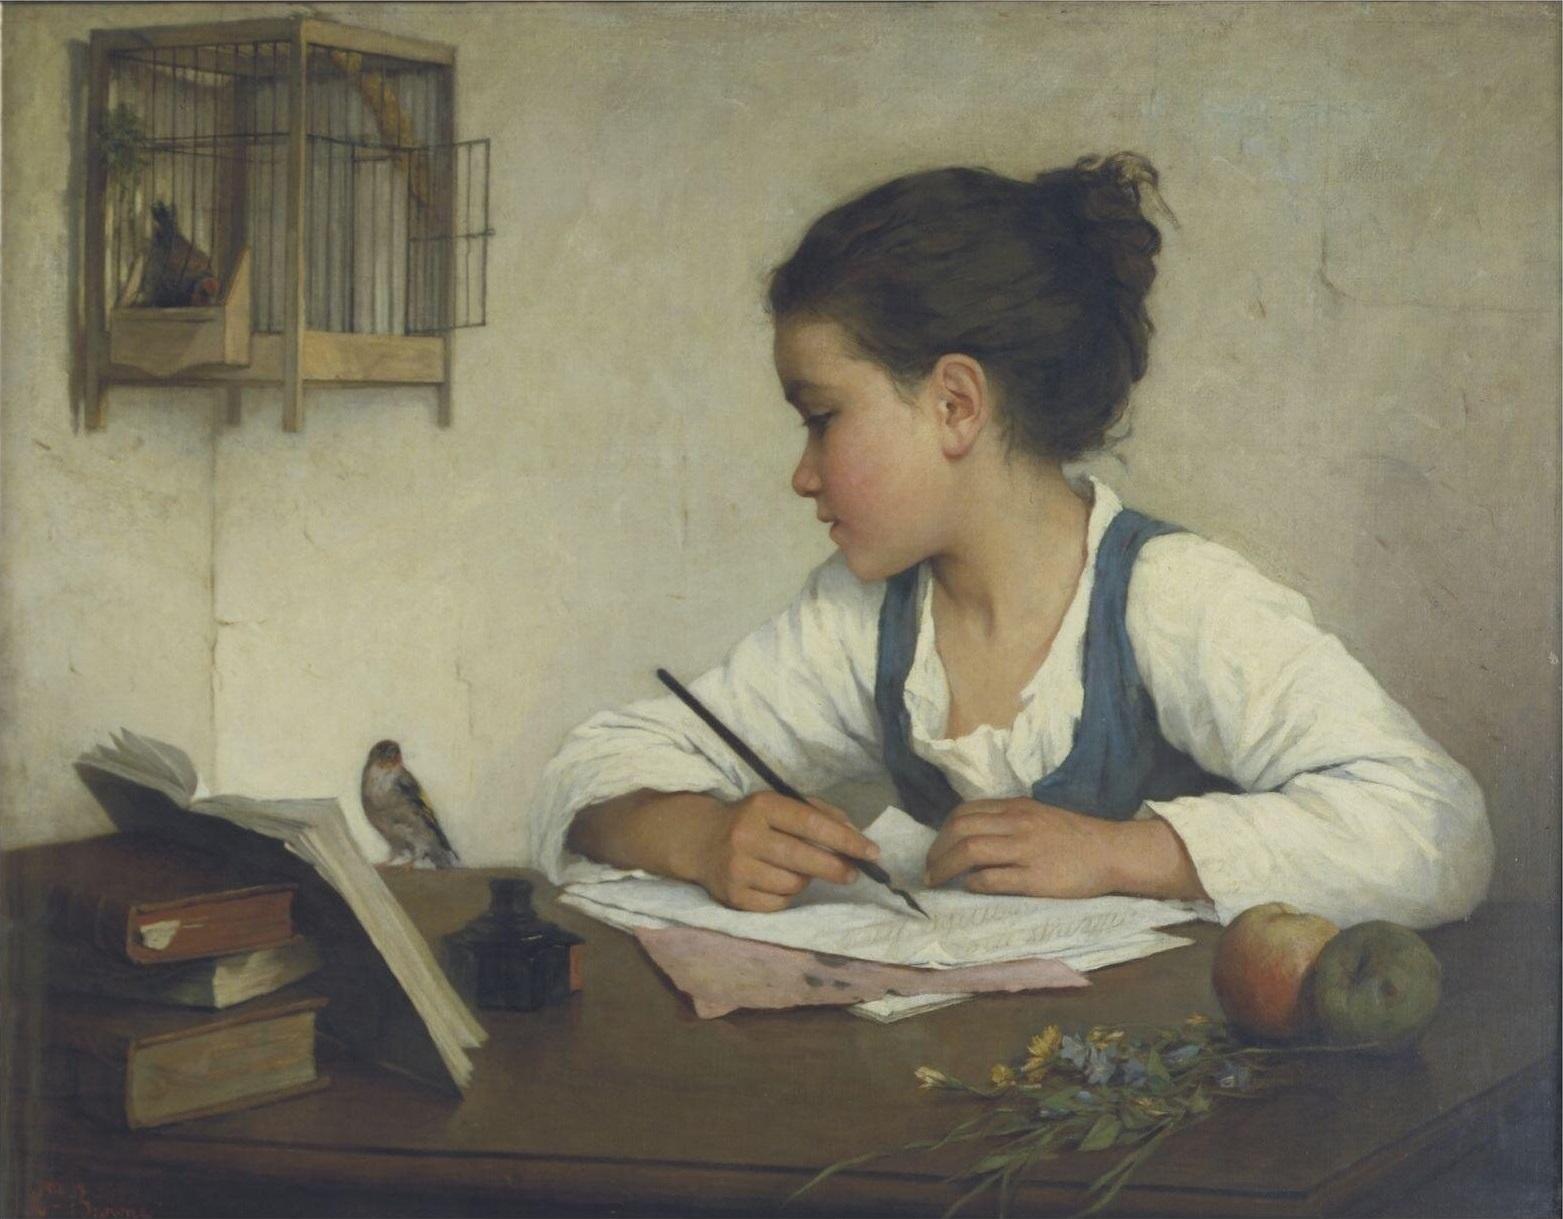 File:Enfant écrivant-Henriette Browne.jpg